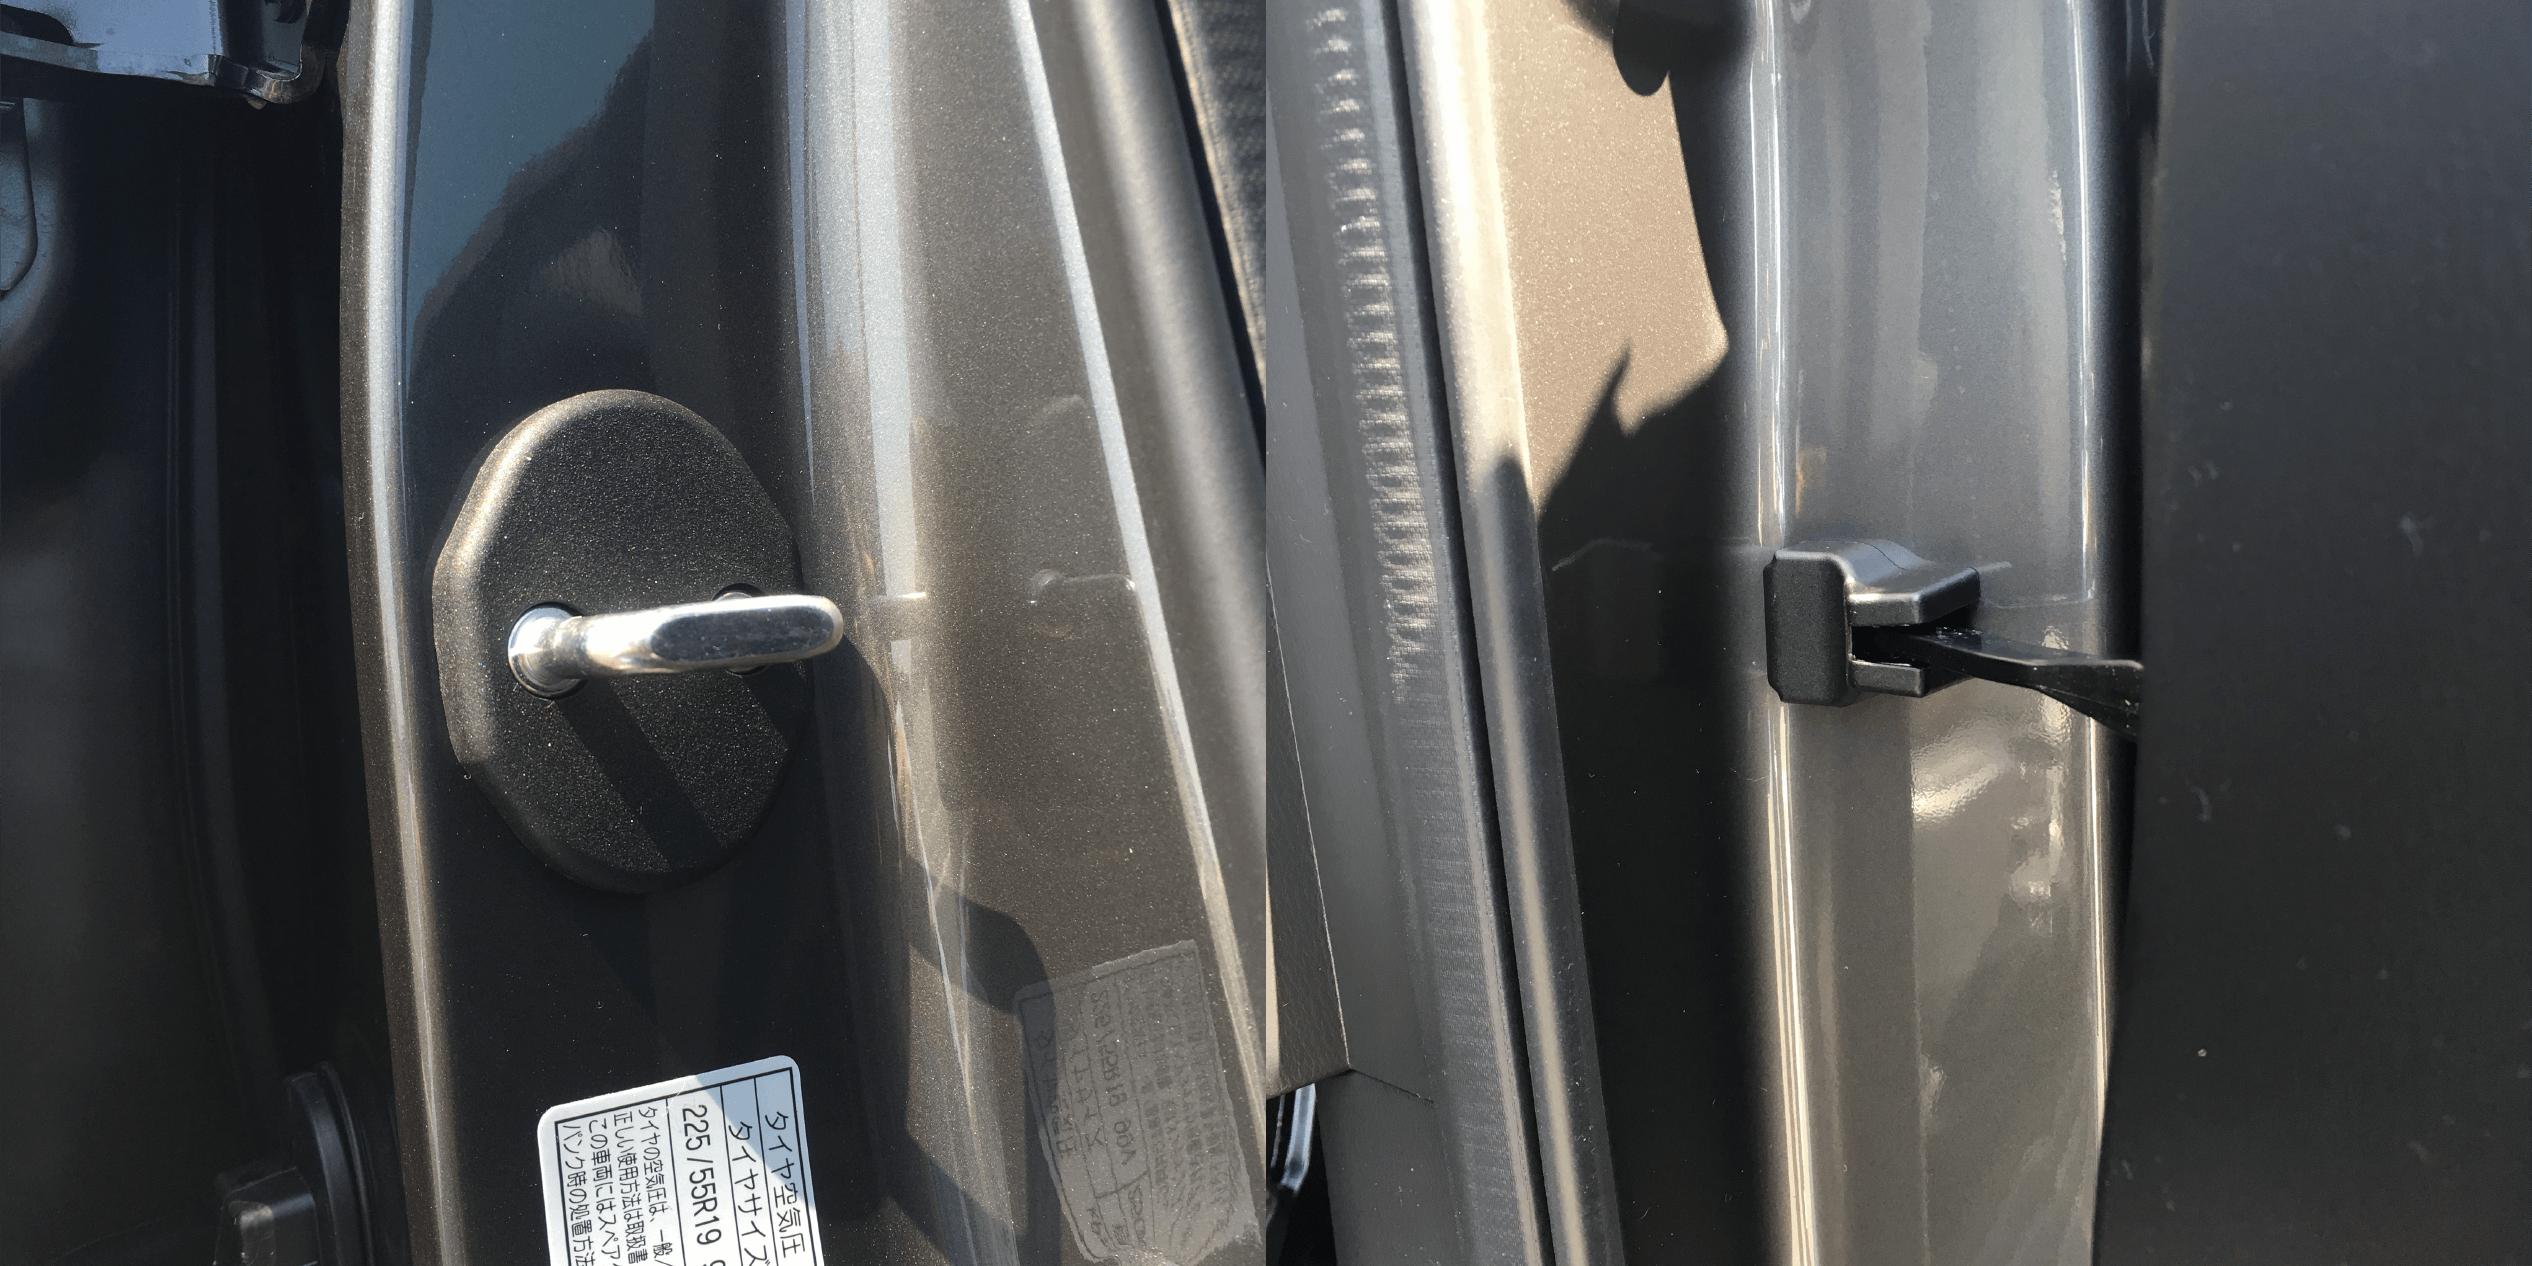 CX-5にドアヒンジカバーとドアストライカーカバーを取り付け